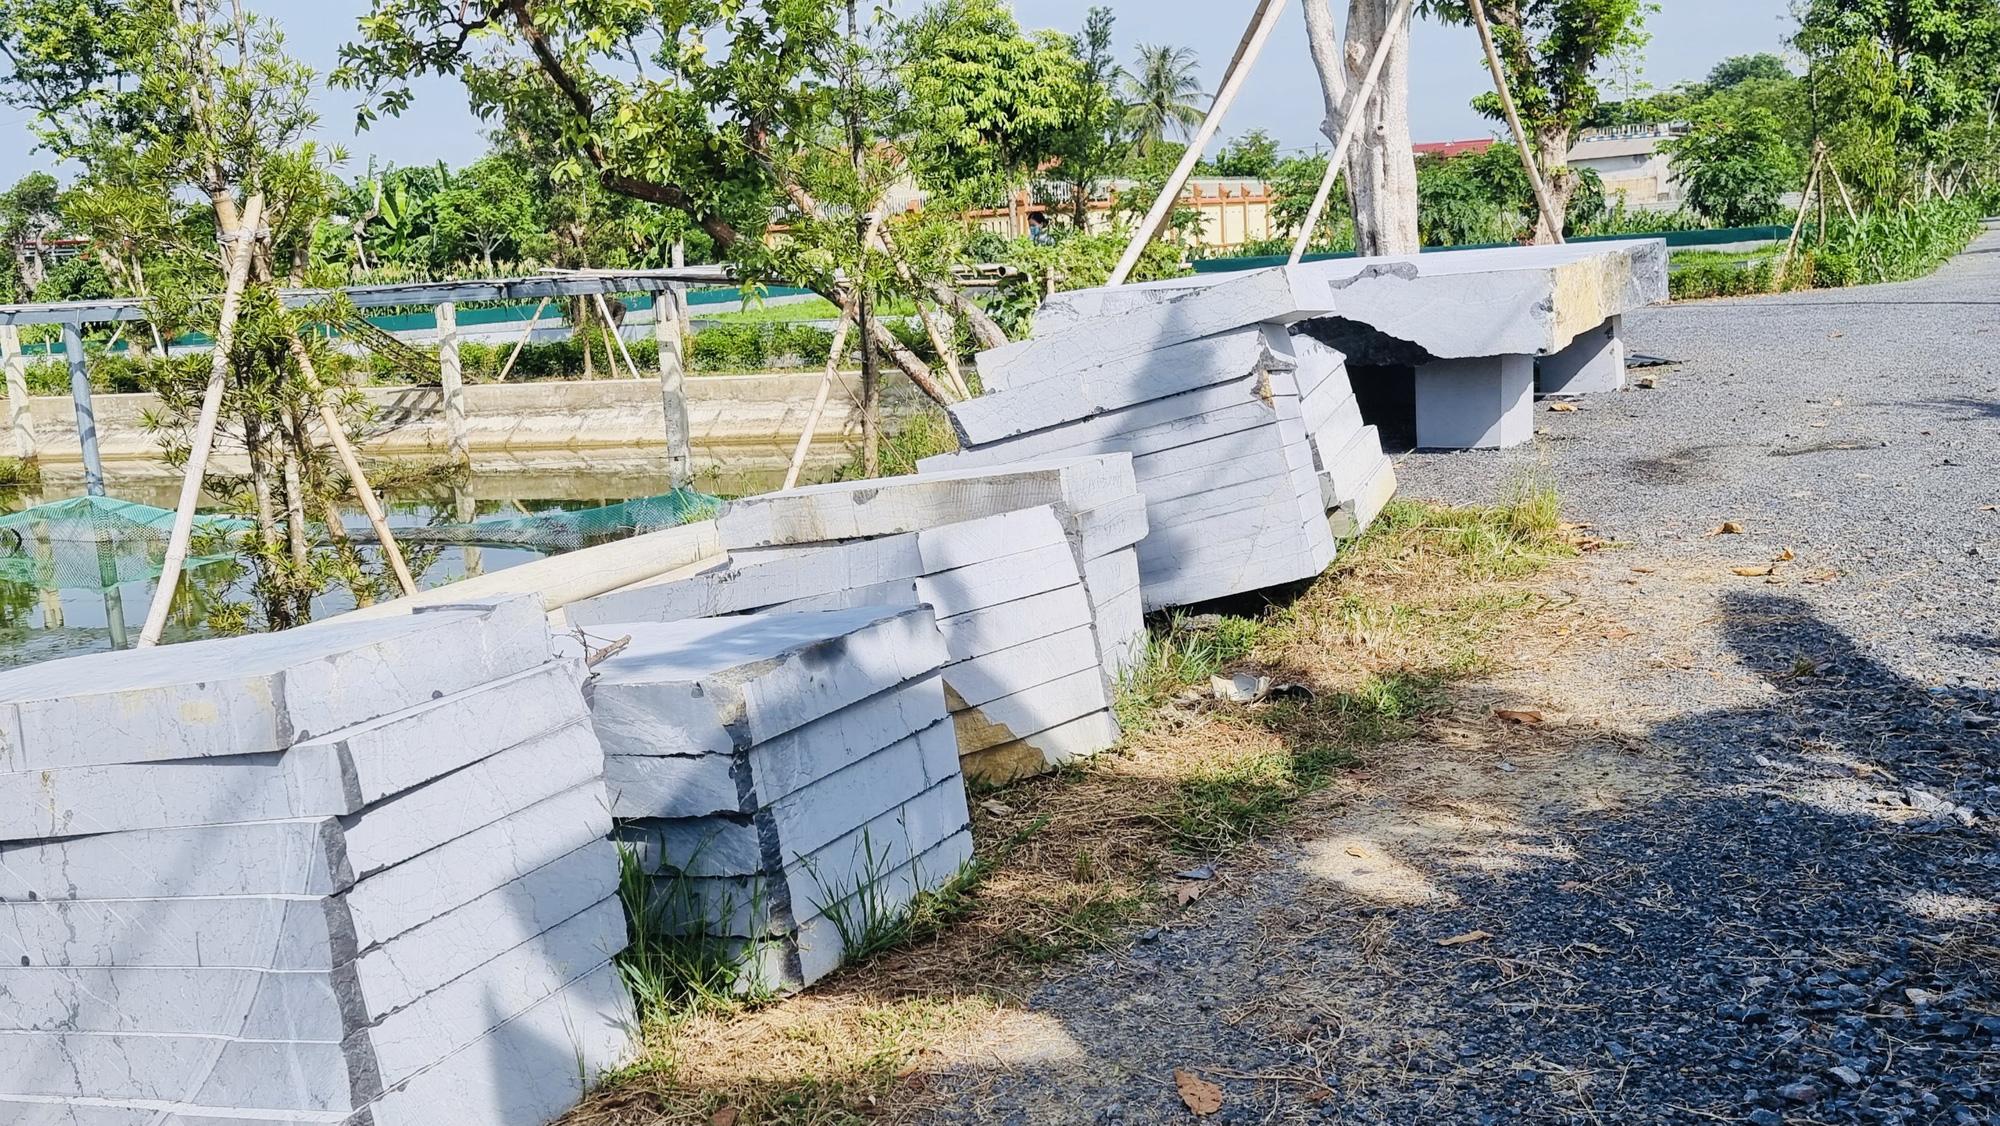 Thanh Hóa: Công trình đồ sộ xây trái phép hơn 2 năm trên diện tích lớn đất nông nghiệp, địa phương bất lực? - Ảnh 3.